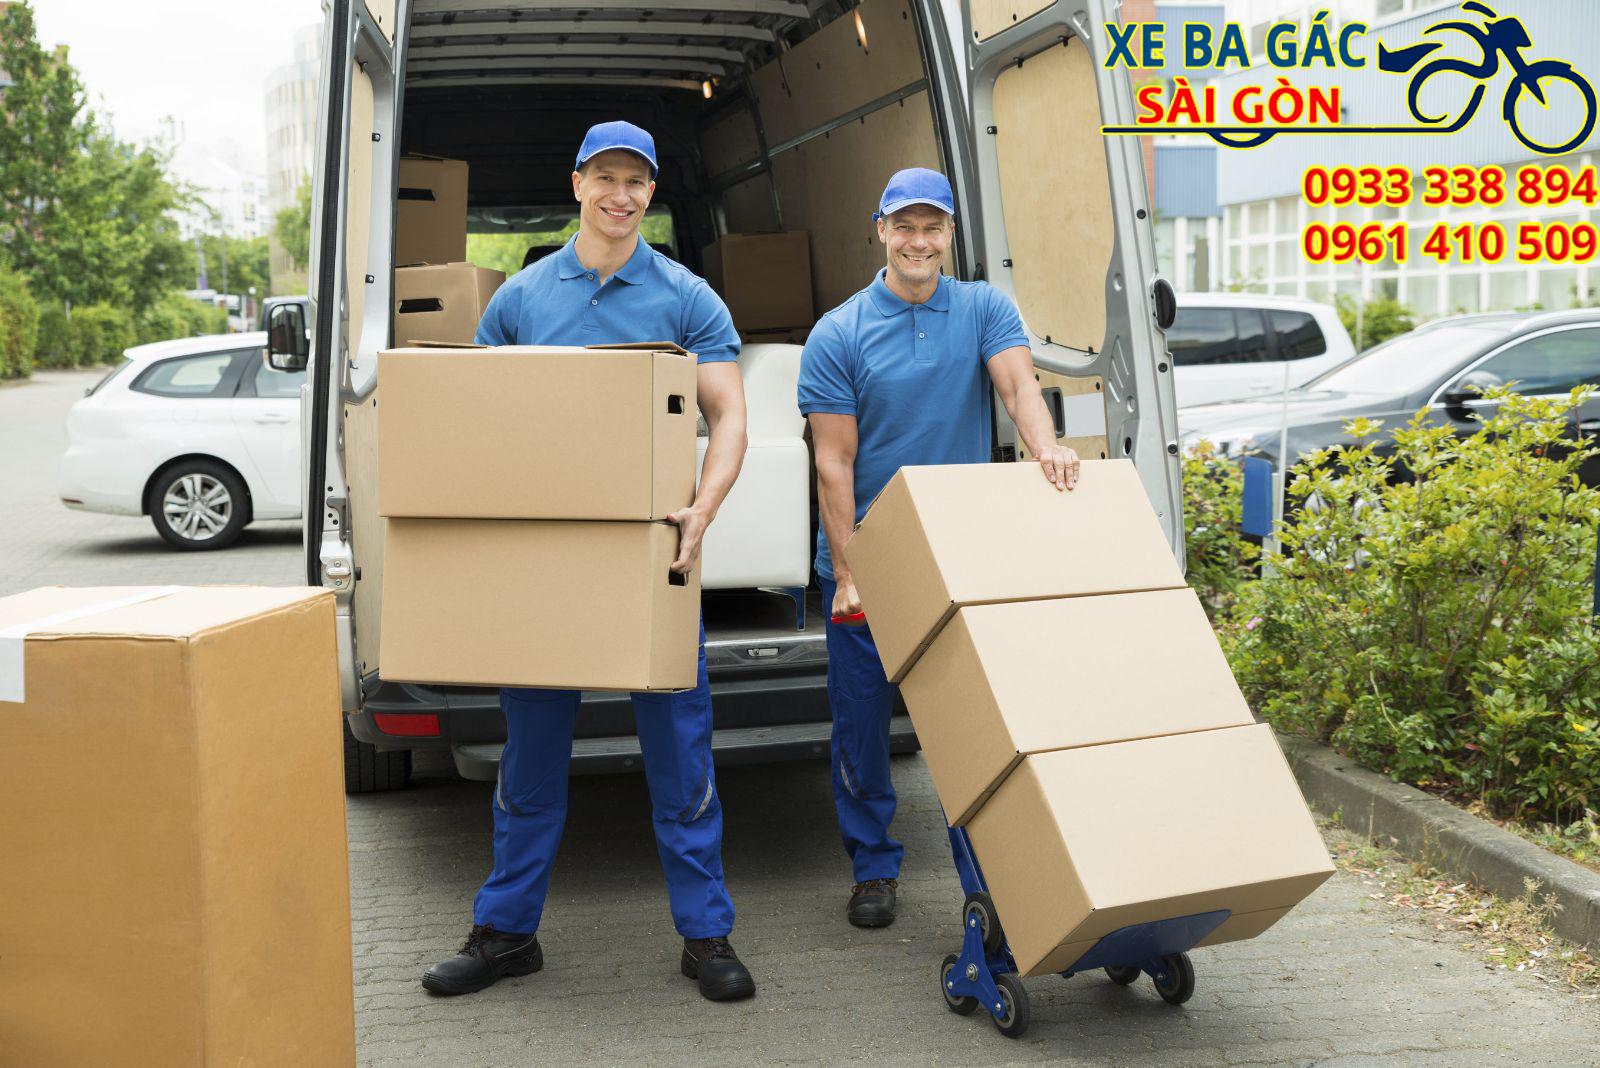 Xe ba gác chở thuê quận 11 giá rẻ - 09333338894